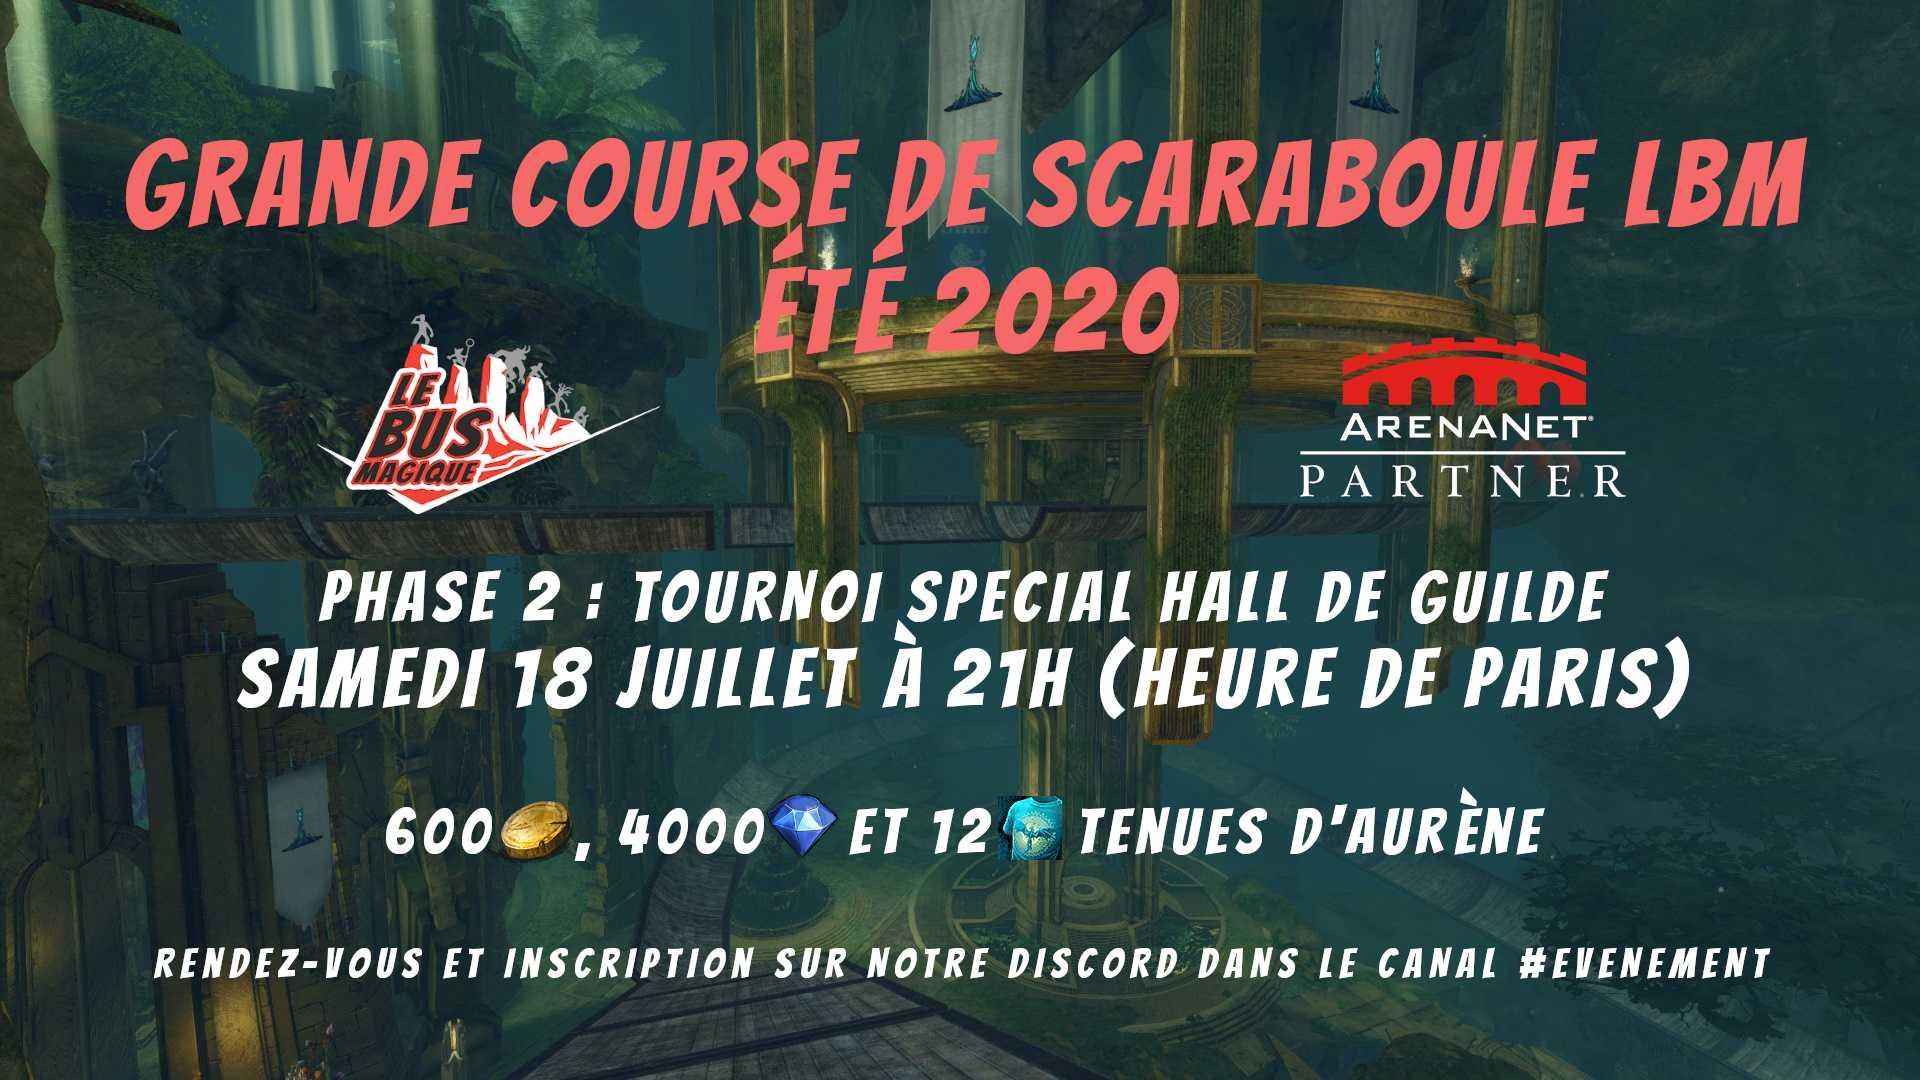 Grandecoursedescaraboule2020p2 1